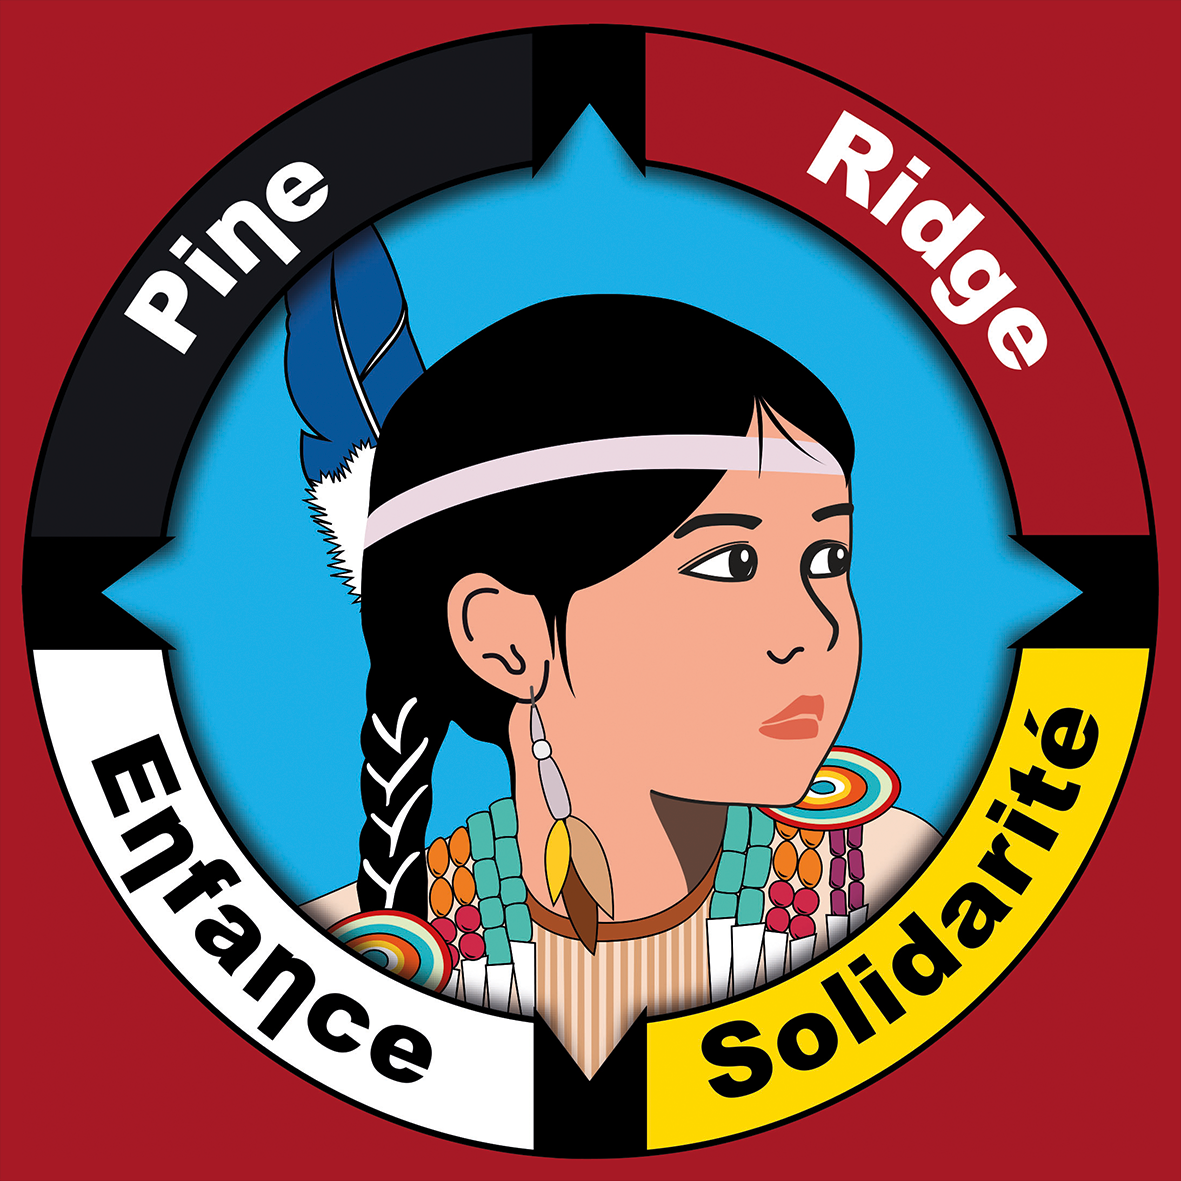 Association - Pine Ridge Enfance Solidarité